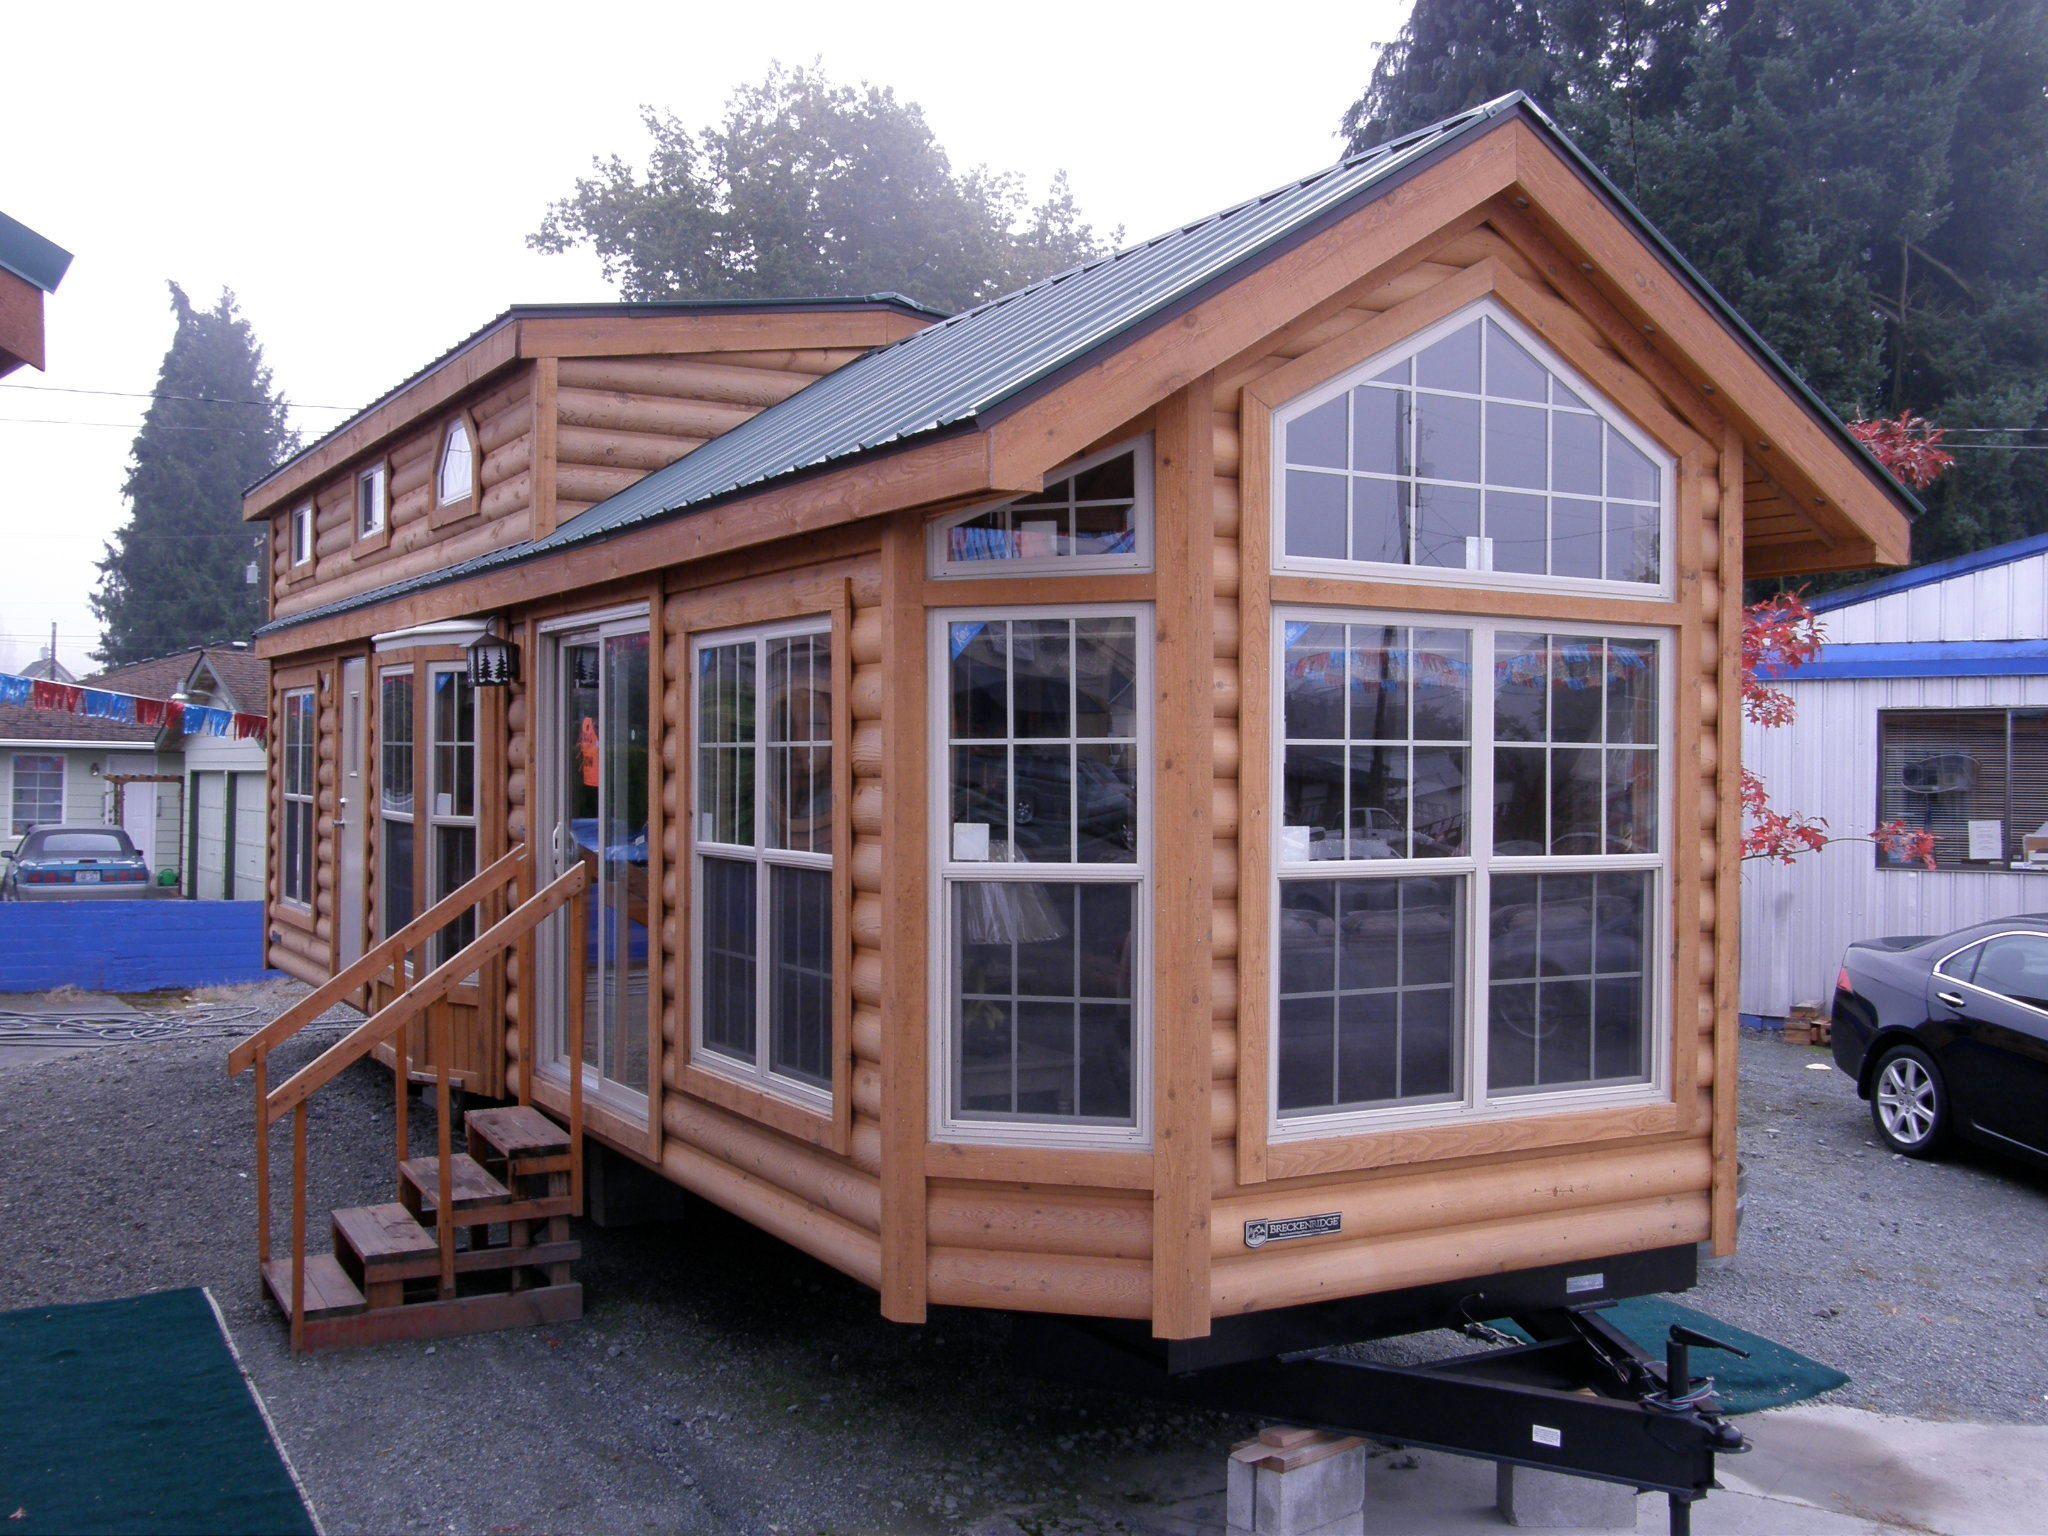 Photos - Tiny House (Seattle, WA)